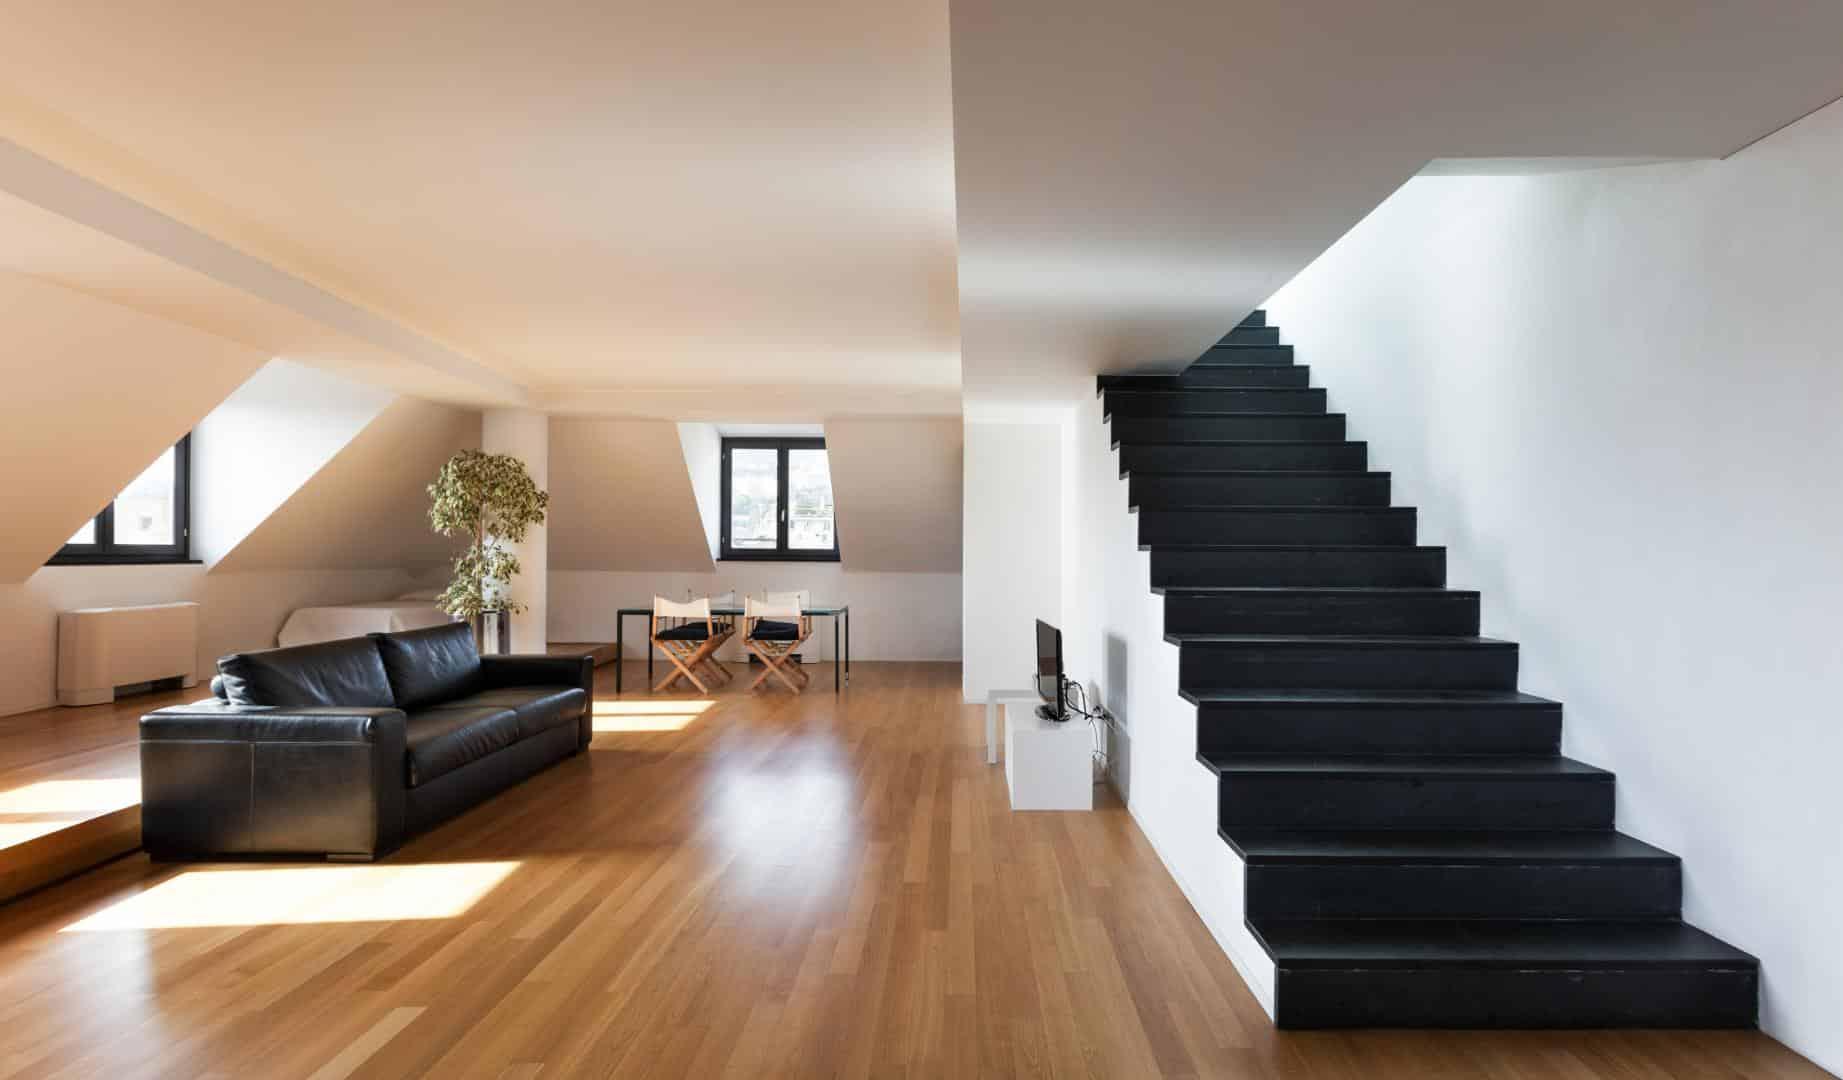 la dcoration dintrieur a pris une place importante de nombreux foyers en effet il est de plus en plus important pour de nombreuses personnes de vivre